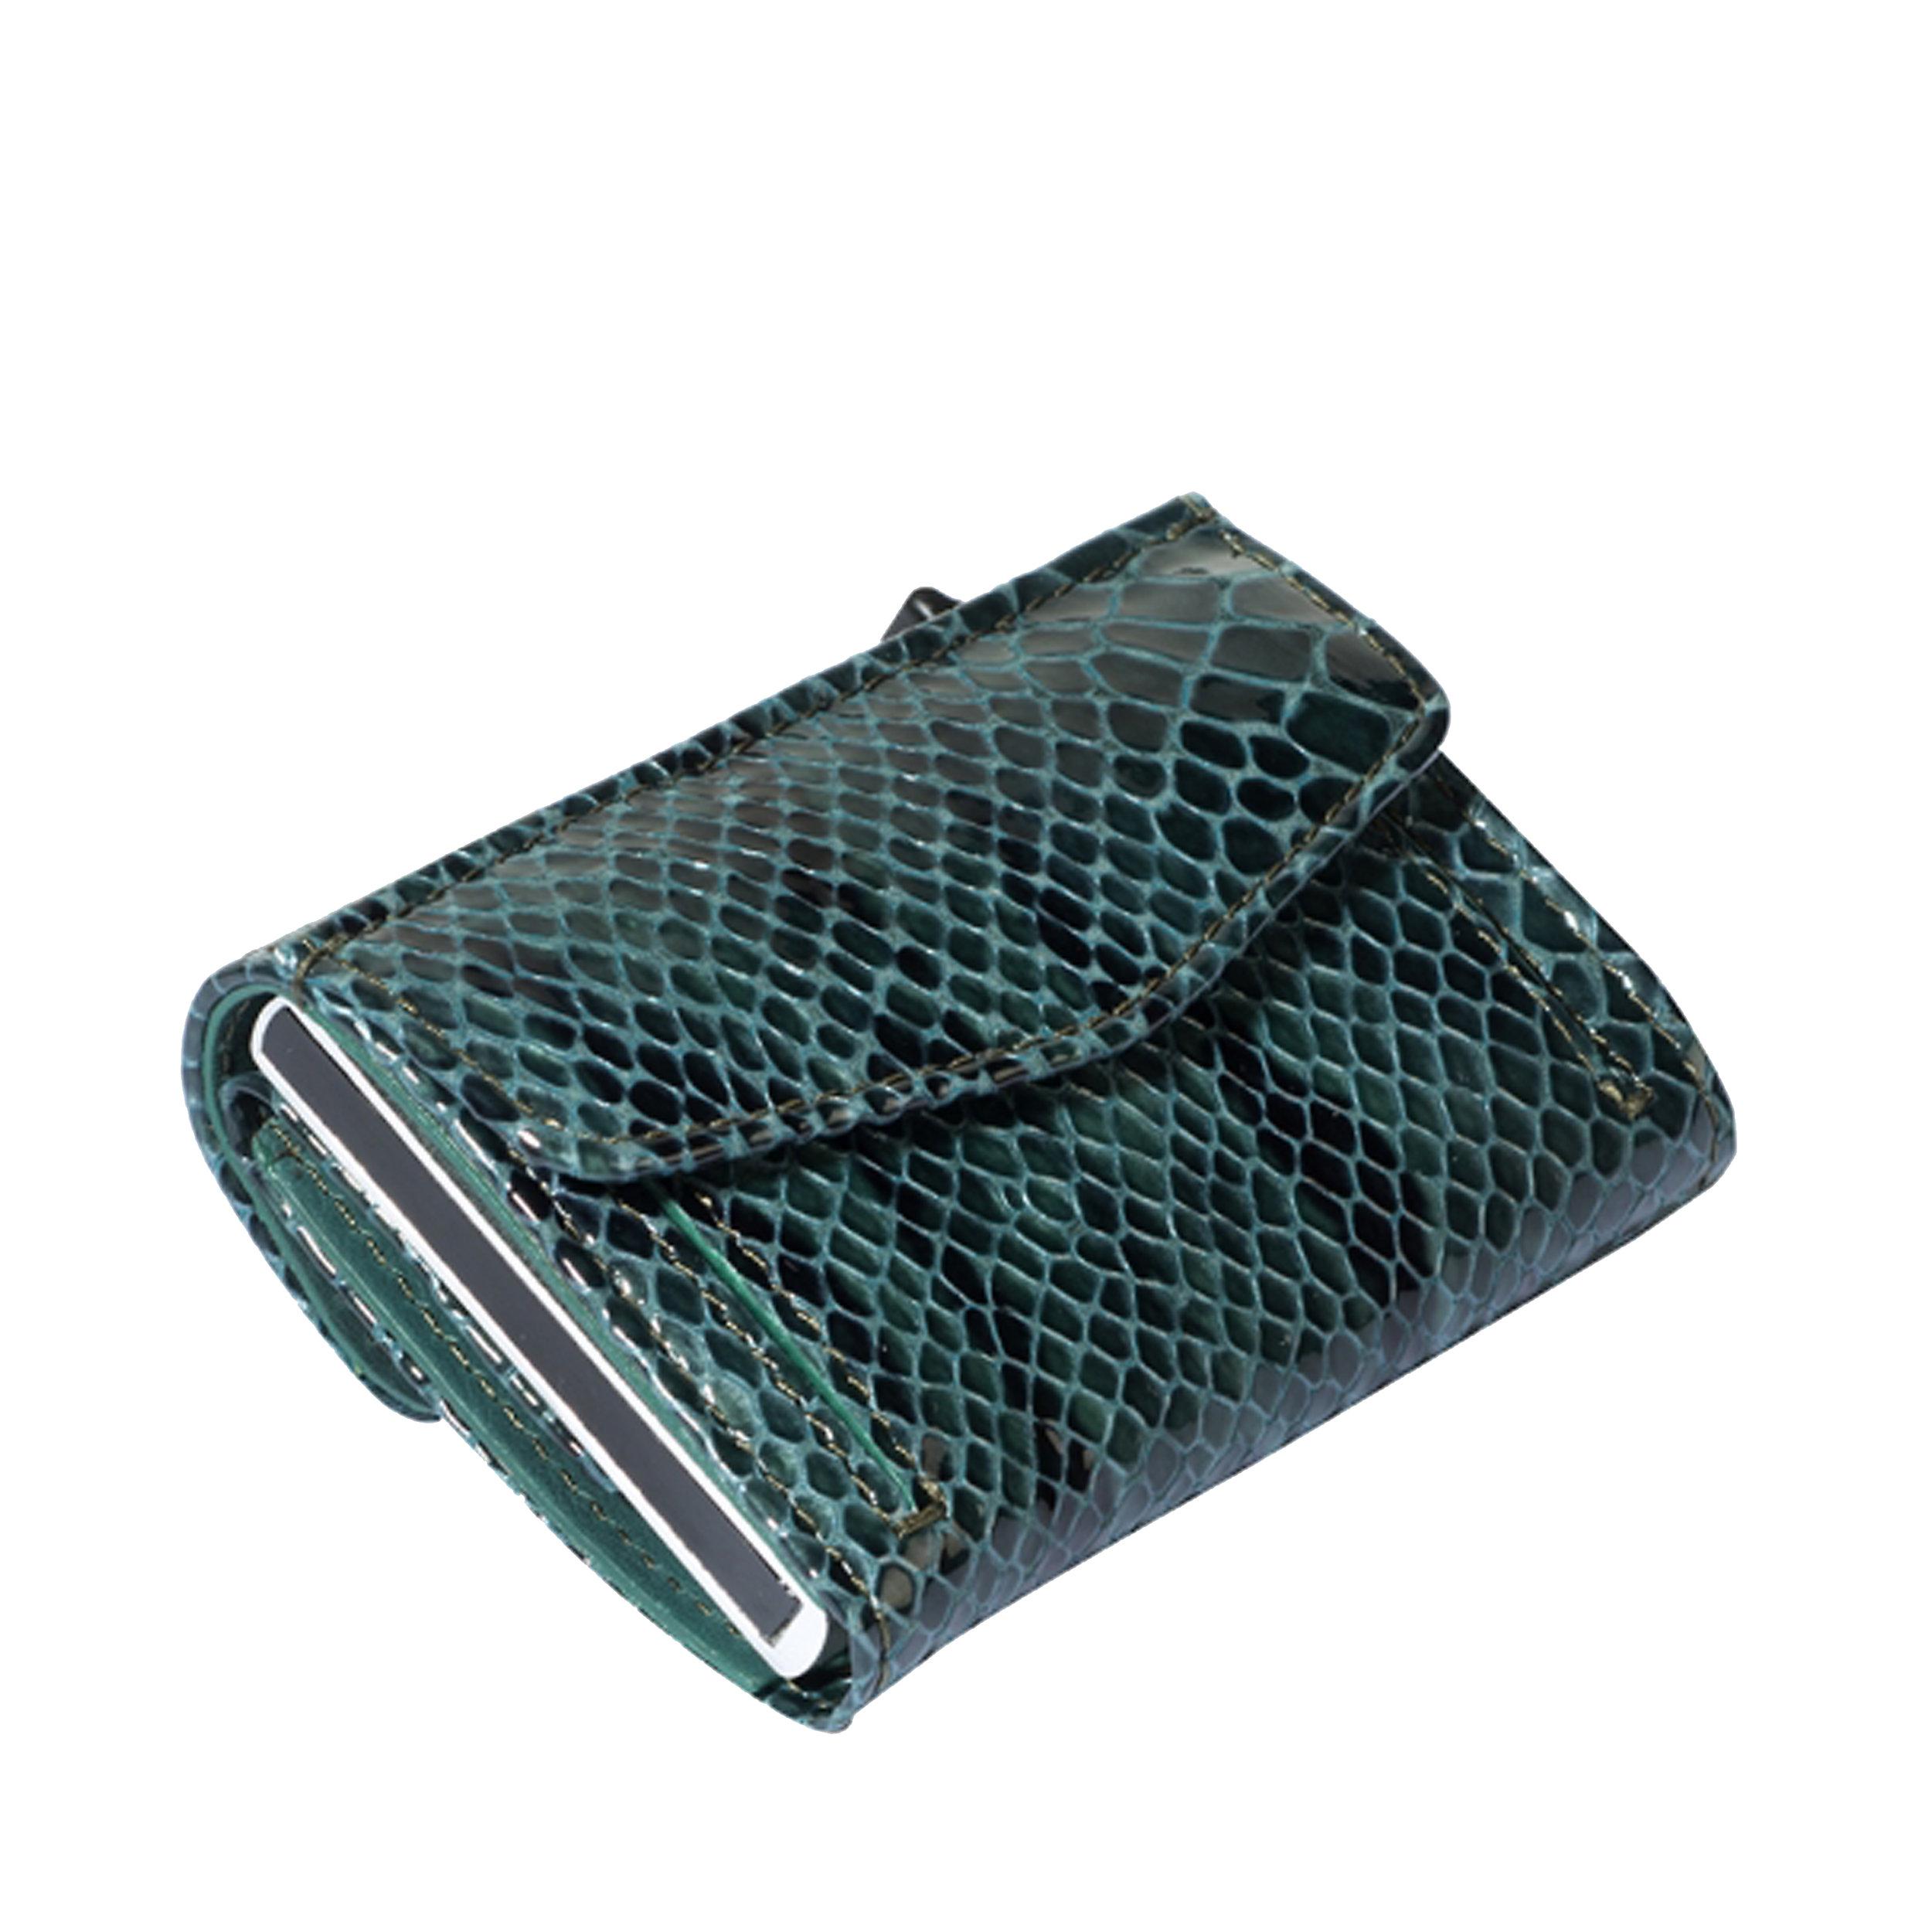 Kreditkartenetui Furbo 7KK RFID Pitone